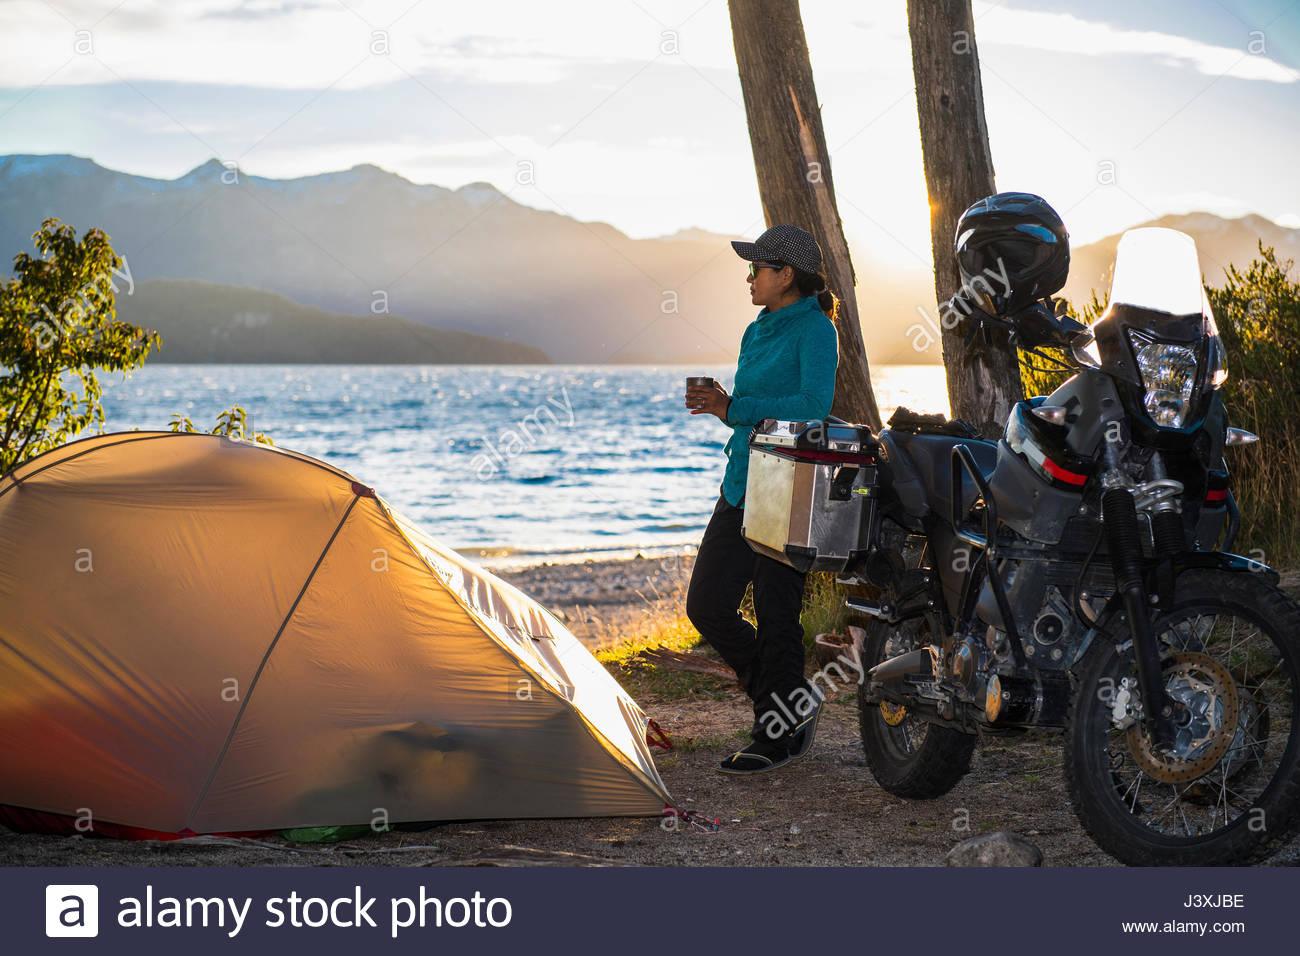 Woman relaxing at the Nahuel Huapi Lake in Patagonia - Stock Image